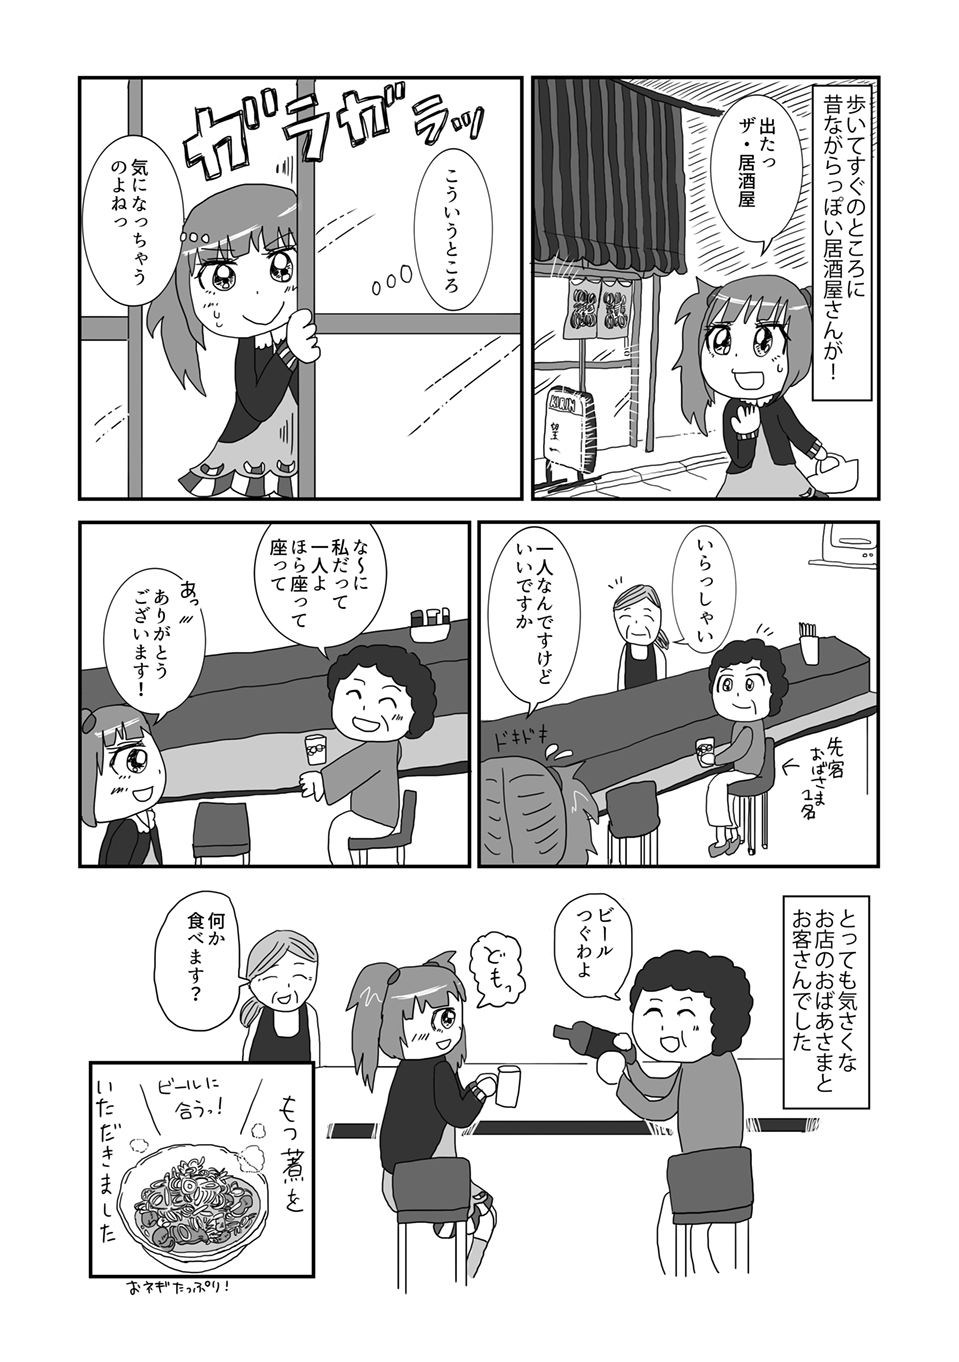 改正湯06